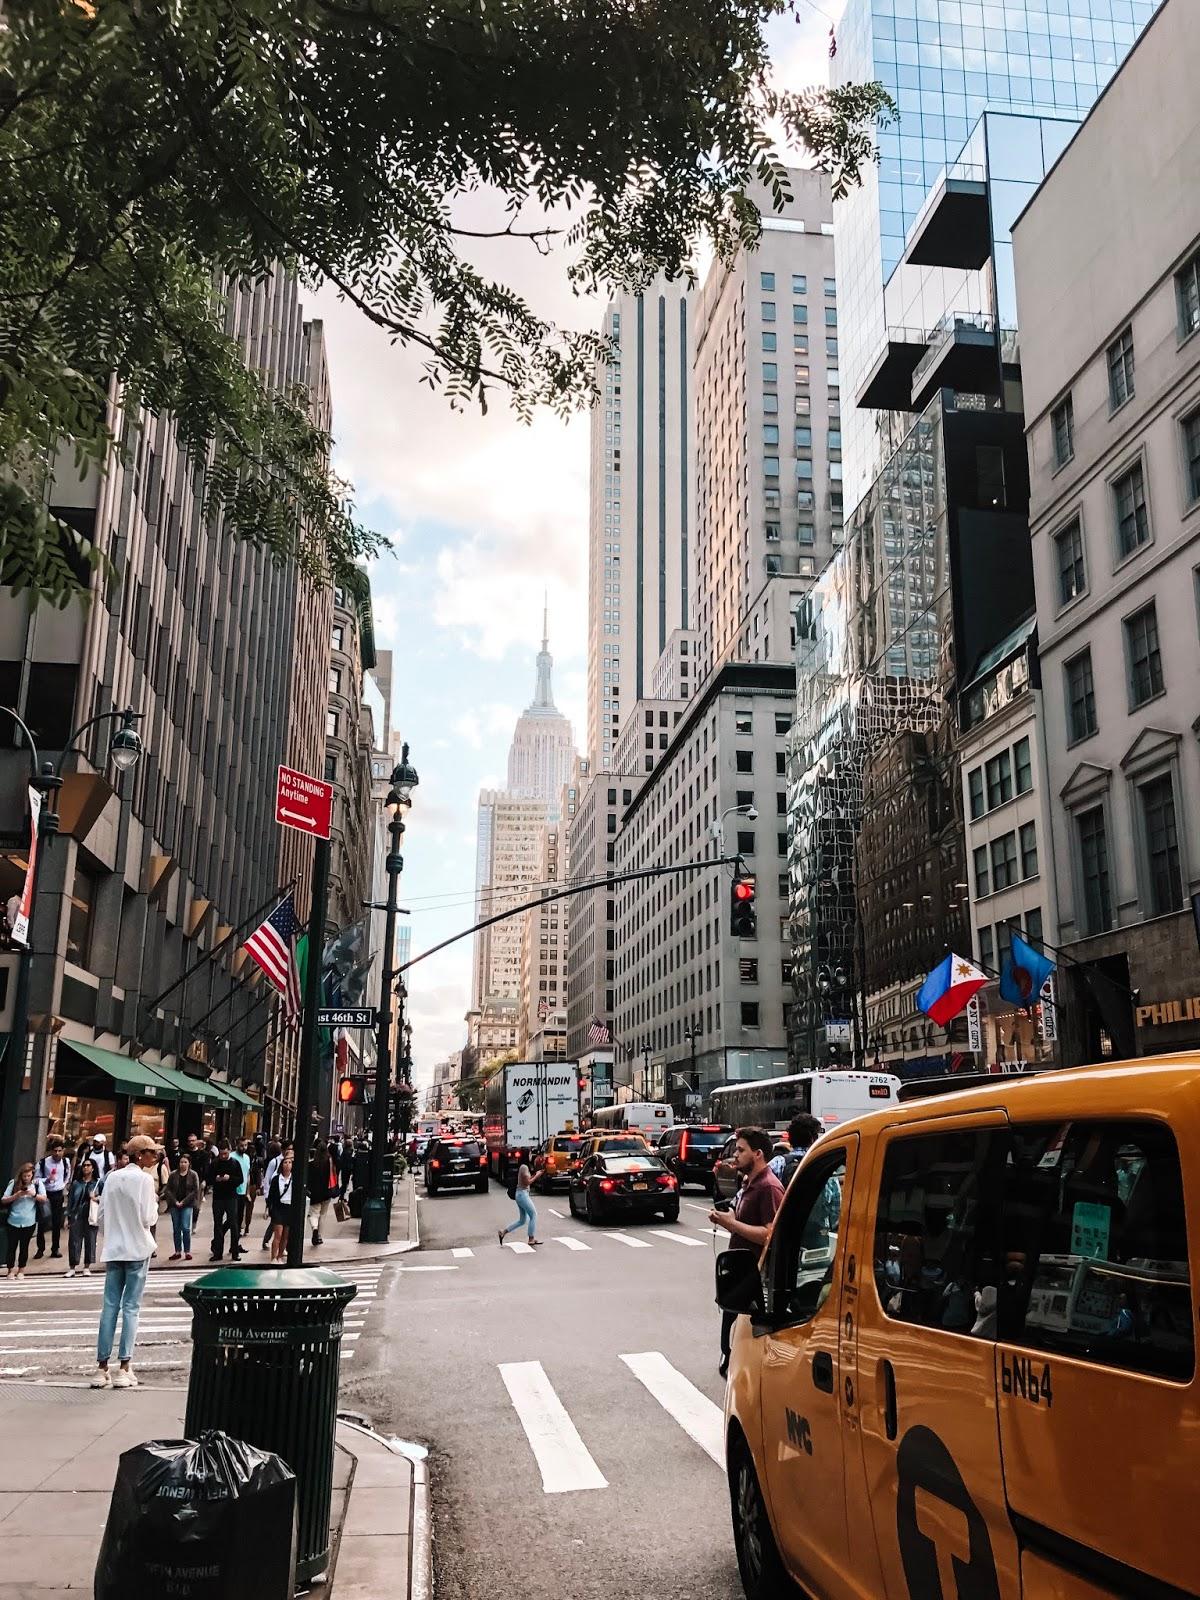 USA trip - Nowy Jork